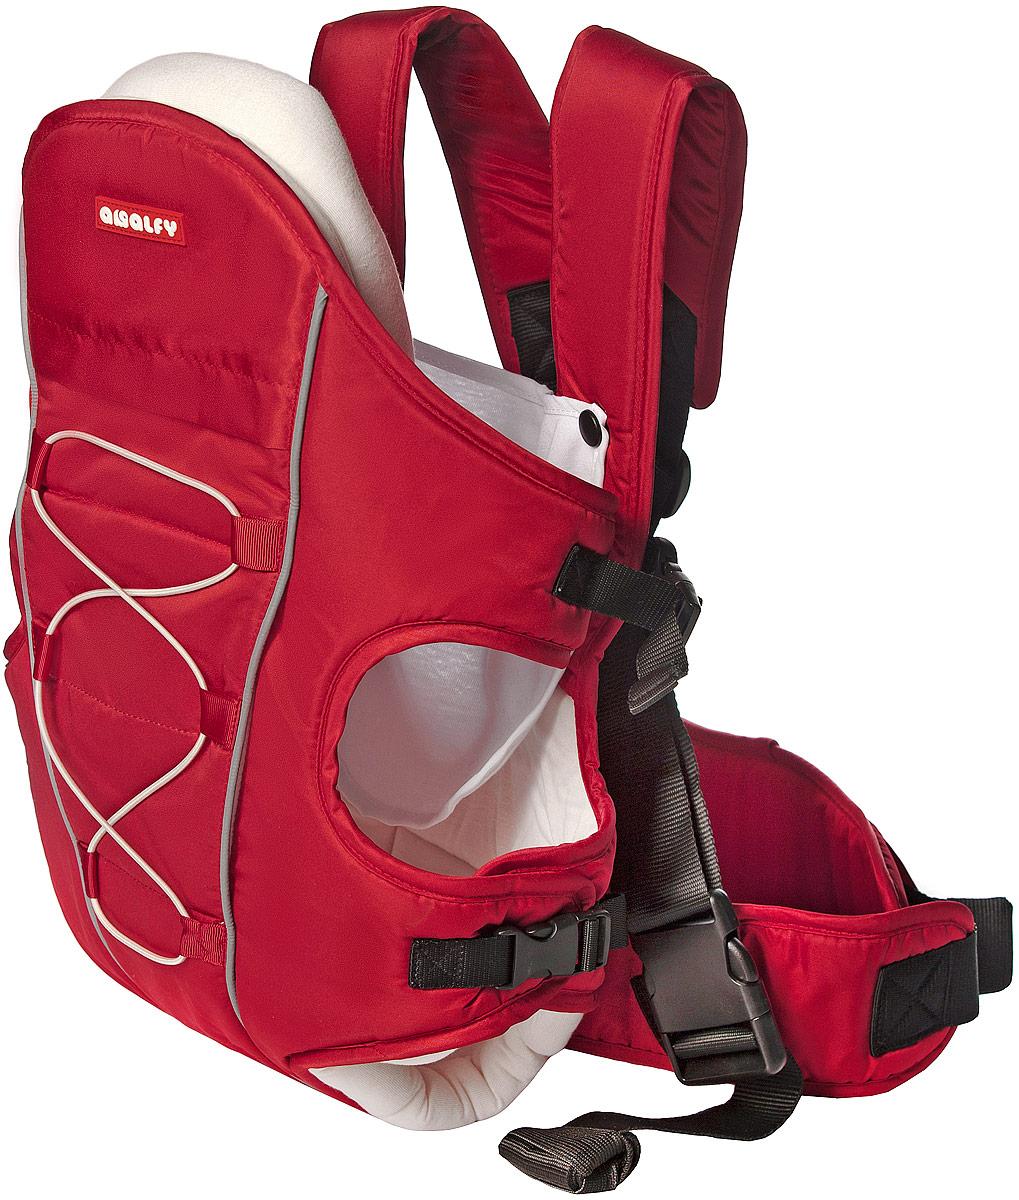 Happy Baby Рюкзак-переноска Amalfy цвет красный GB-809GB-809_RedРюкзак-переноска Happy Baby Amalfy - это современная переноска, которая прекрасно подойдет как для мальчика, так и для девочки. Тонкая легкая ткань, передовая конструкция, превосходный дизайн для вас и вашего малыша. Переноска удобно раскрывается по бокам для быстрого помещения и изъятия ребенка. Съемный подголовник обеспечивает дополнительный комфорт и поддержку. Различные варианты переноски: лицом к маме, лицом по ходу движения, за спиной, лицом к маме с чехлом и за спиной с чехлом. Чехол обеспечивает тепло и уют вашему малышу. Переноска оснащена широкими и удобными плечевыми ремнями. Ограничения по весу: с 3,5 до 12 кг (примерно до полутора лет). Делайте перерывы как можно чаще, так как вы и ваш малыш можете устать.